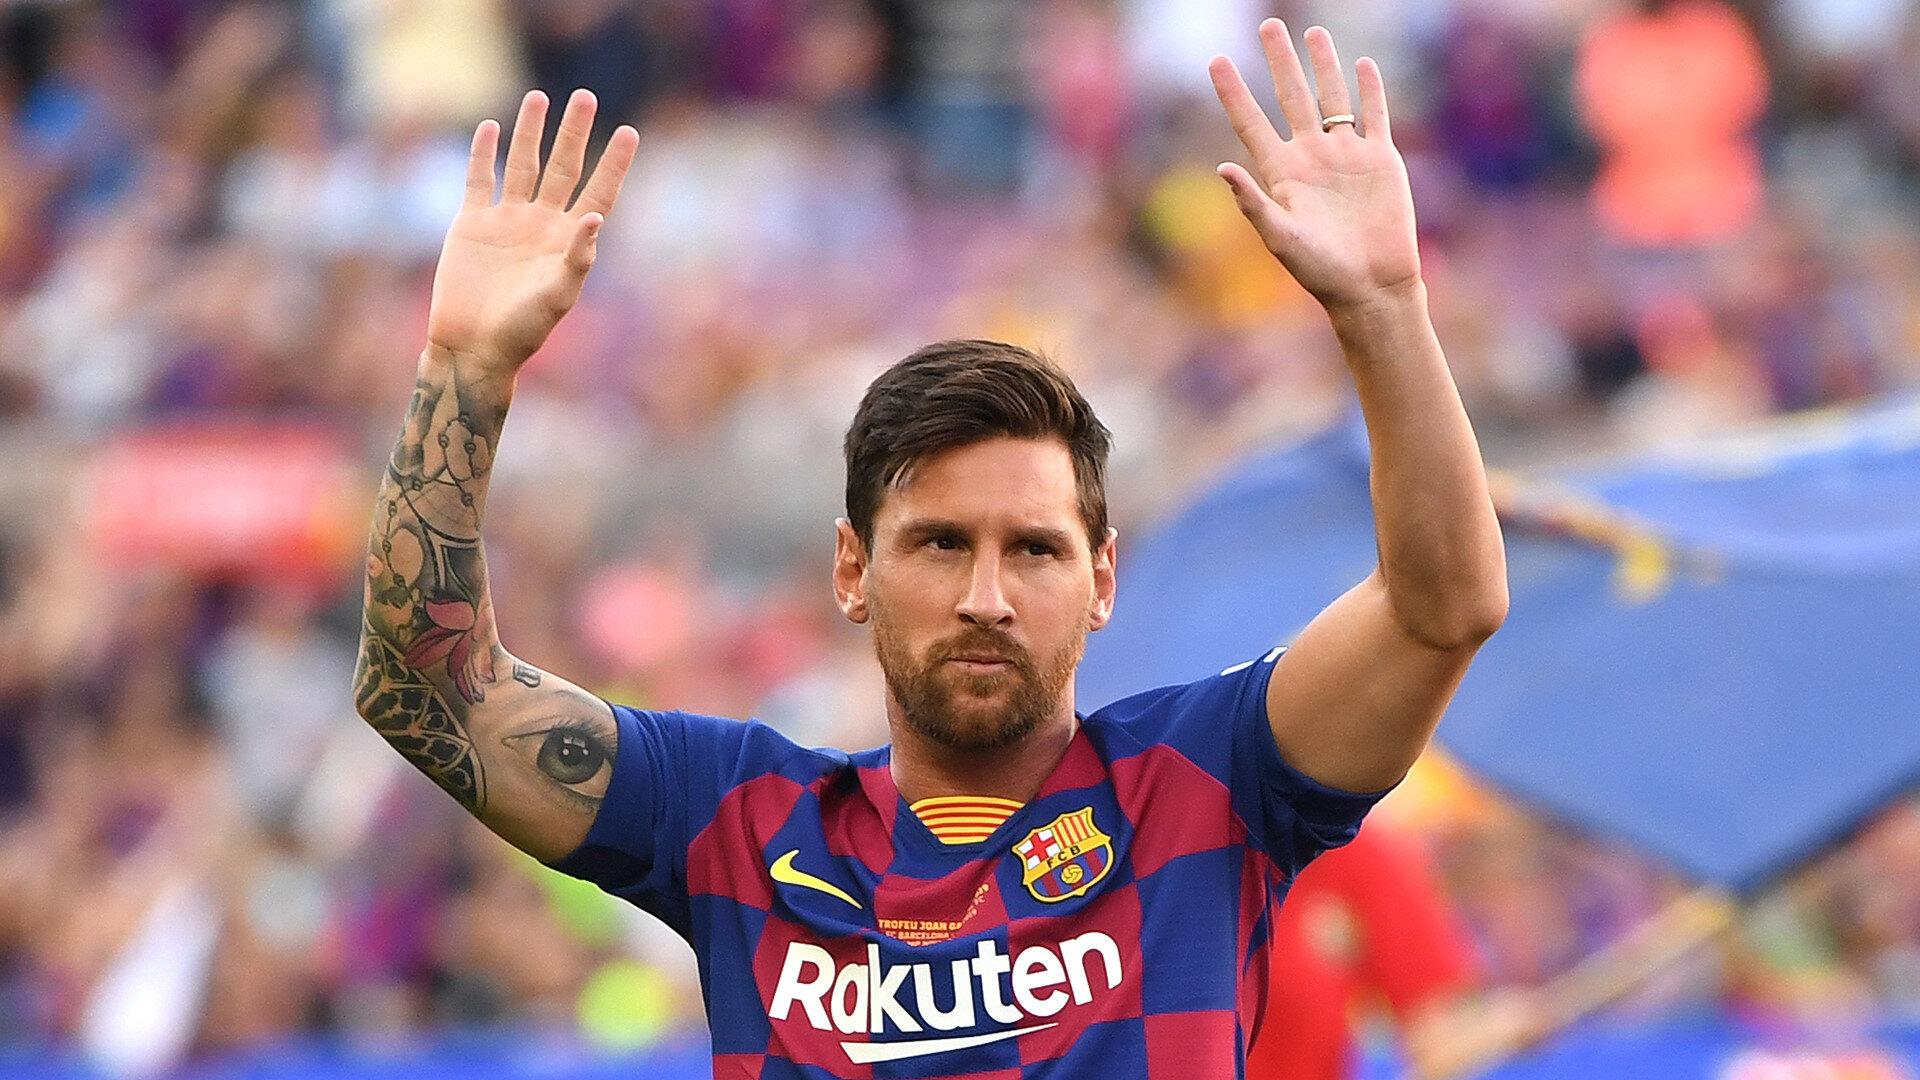 Barcelona Kulübüne 25 Ağustos'ta avukatlık bürosu aracılığıyla faks göndererek ayrılma talebini ileten Messi, takımın hazırlık kapı öncesinde 30 Ağustos'ta yaptığı sağlık kontrolüne ve şimdiye kadar gerçekleştirilen antrenmanlara katılmadı.